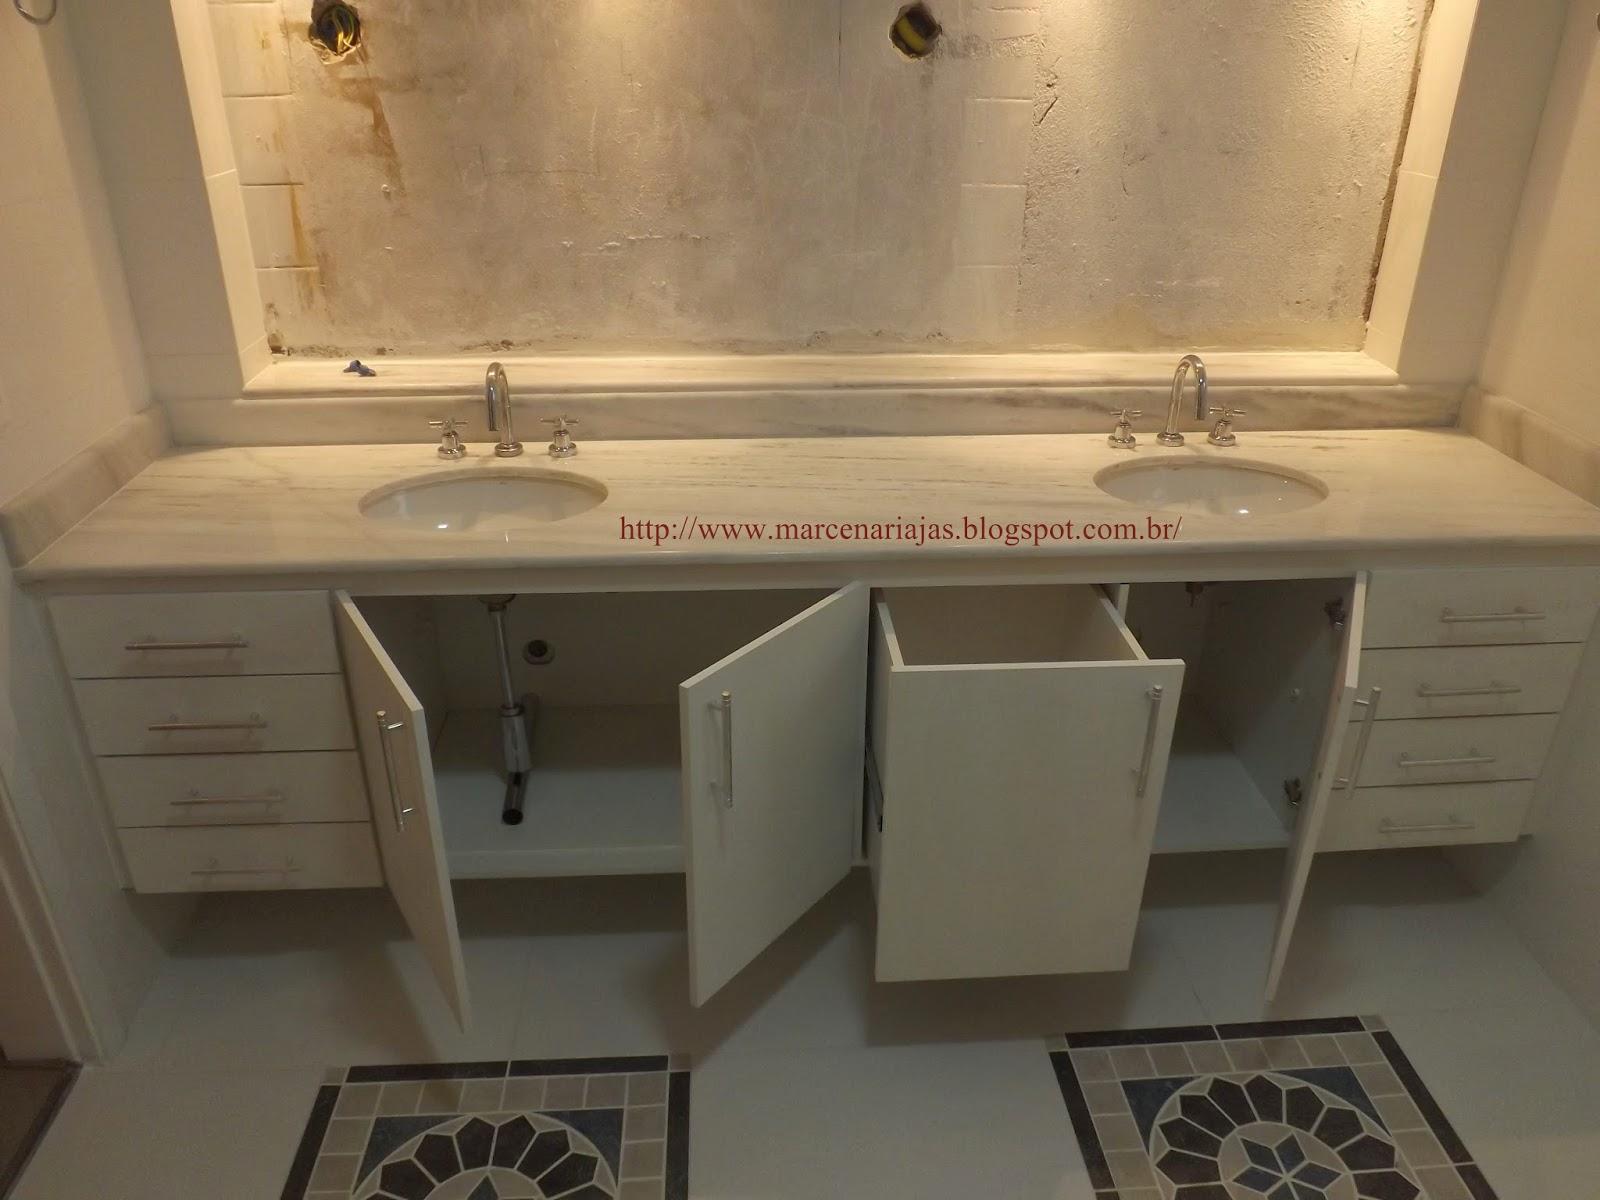 Marcenaria J A S gabinete de banheiro com cesto de roupa -> Armario De Banheiro Planejado Com Cesto De Roupa